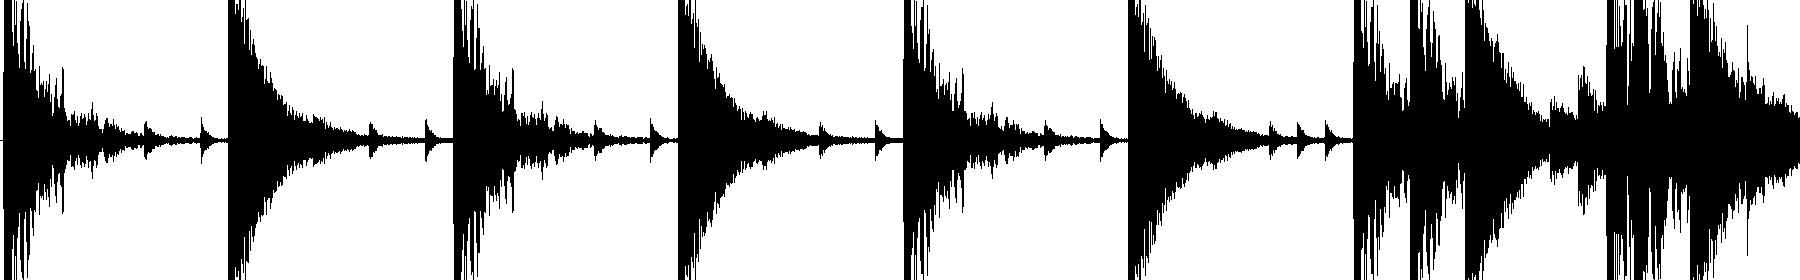 232336 slow drum loop transition